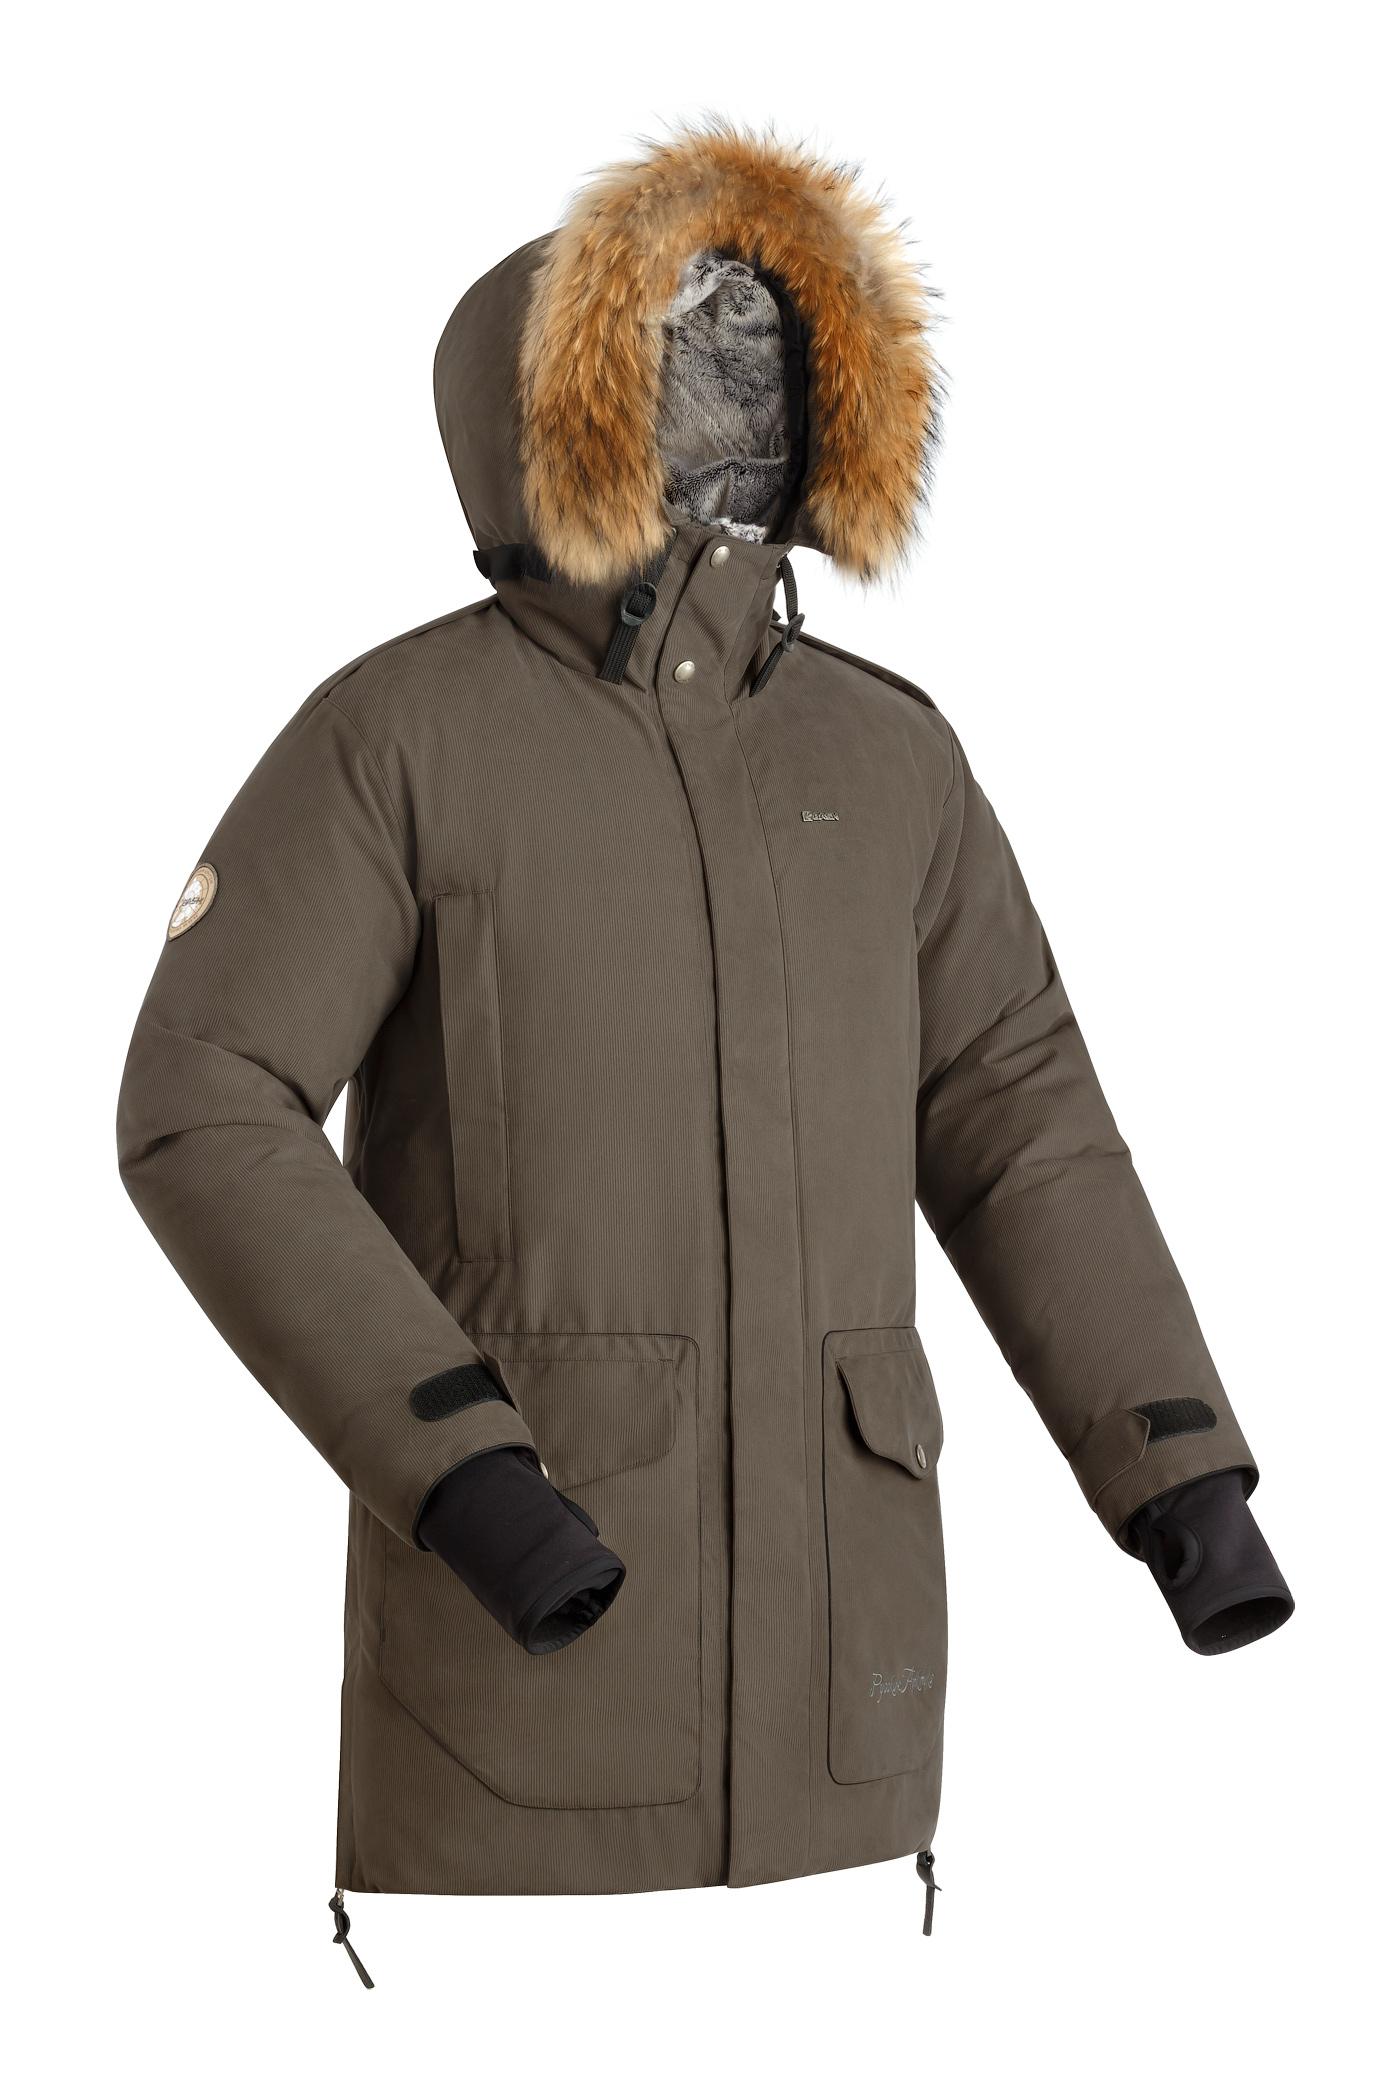 Пуховая куртка BASK PUTORANA V2 3774V2Куртки<br><br><br>Верхняя ткань: Advance® Alaska<br>Вес граммы: 2155<br>Вес утеплителя: 420<br>Ветрозащитная планка: Да<br>Ветрозащитная юбка: Нет<br>Внутренняя ткань: Advance® Classic<br>Капюшон: Несъемный<br>Количество внешних карманов: 6<br>Количество внутренних карманов: 2<br>Мембрана: Да<br>Показатель Fill Power (для пуховых изделий): 650<br>Регулировка манжетов рукавов: Да<br>Регулировка объёма капюшона: Да<br>Регулировка талии: Да<br>Температурный режим: -35<br>Технология швов: Простые<br>Тип молнии: Тракторная, двухзамковая<br>Тип утеплителя: Натуральный<br>Утеплитель: Гусиный пух 85%, Перо 15%, FP 650+, 420 г<br>Размер RU: 56<br>Цвет: НЕИЗВЕСТНЫЙ